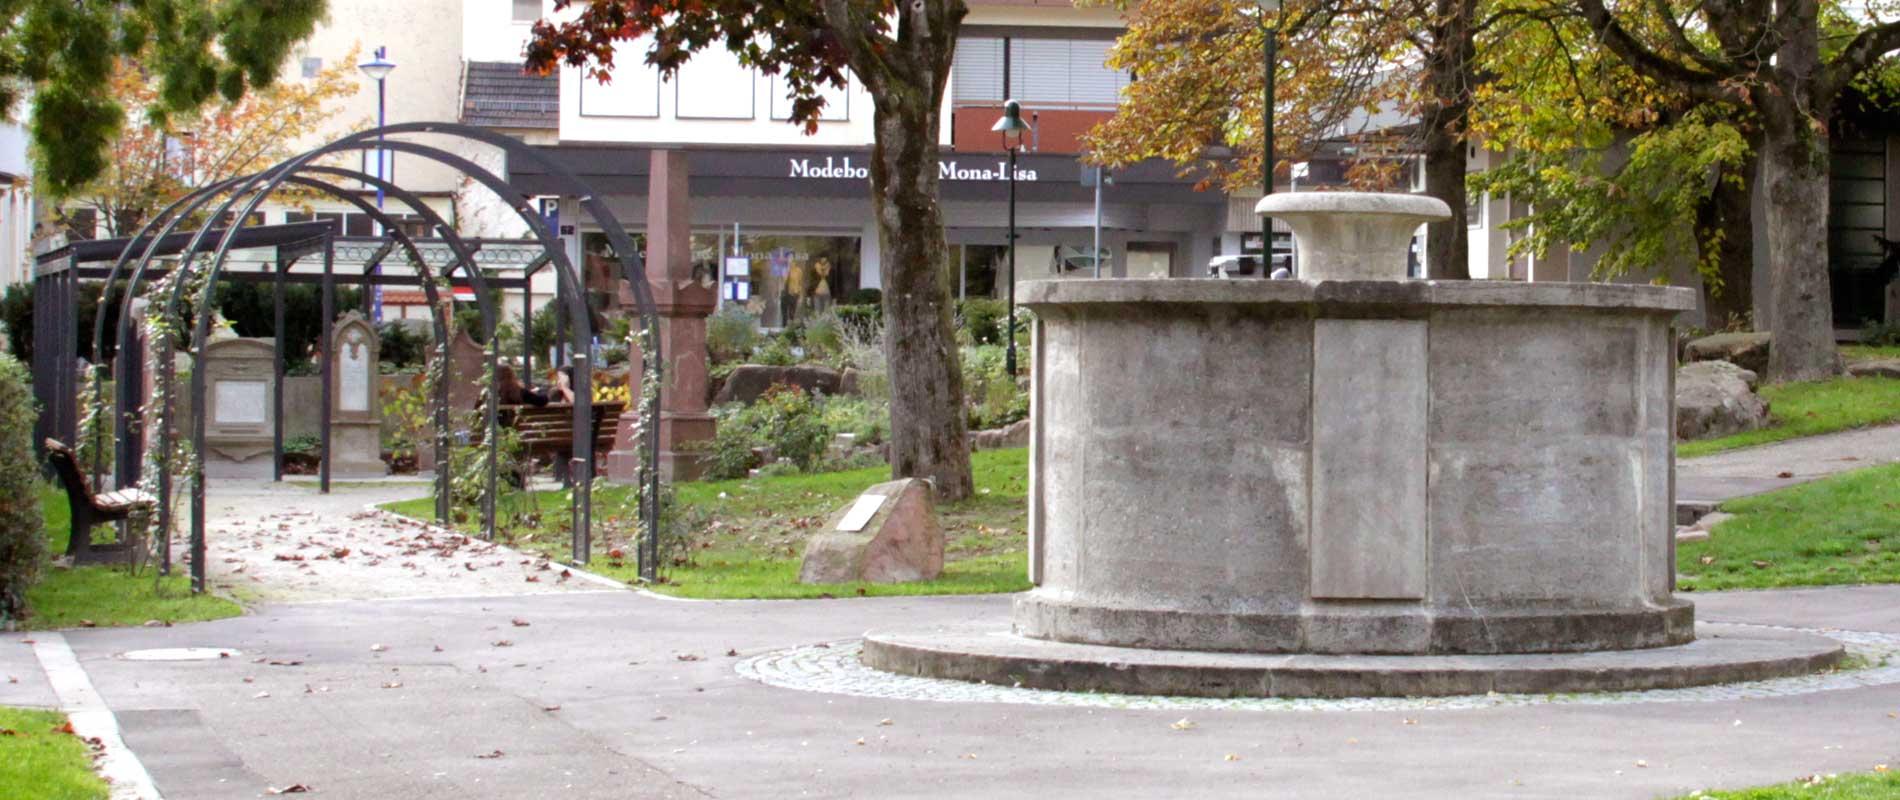 Kulturprojekt Schillerpark: Grabsteine im Hintergrund, im Vordergrund Sutor-Brunnen.